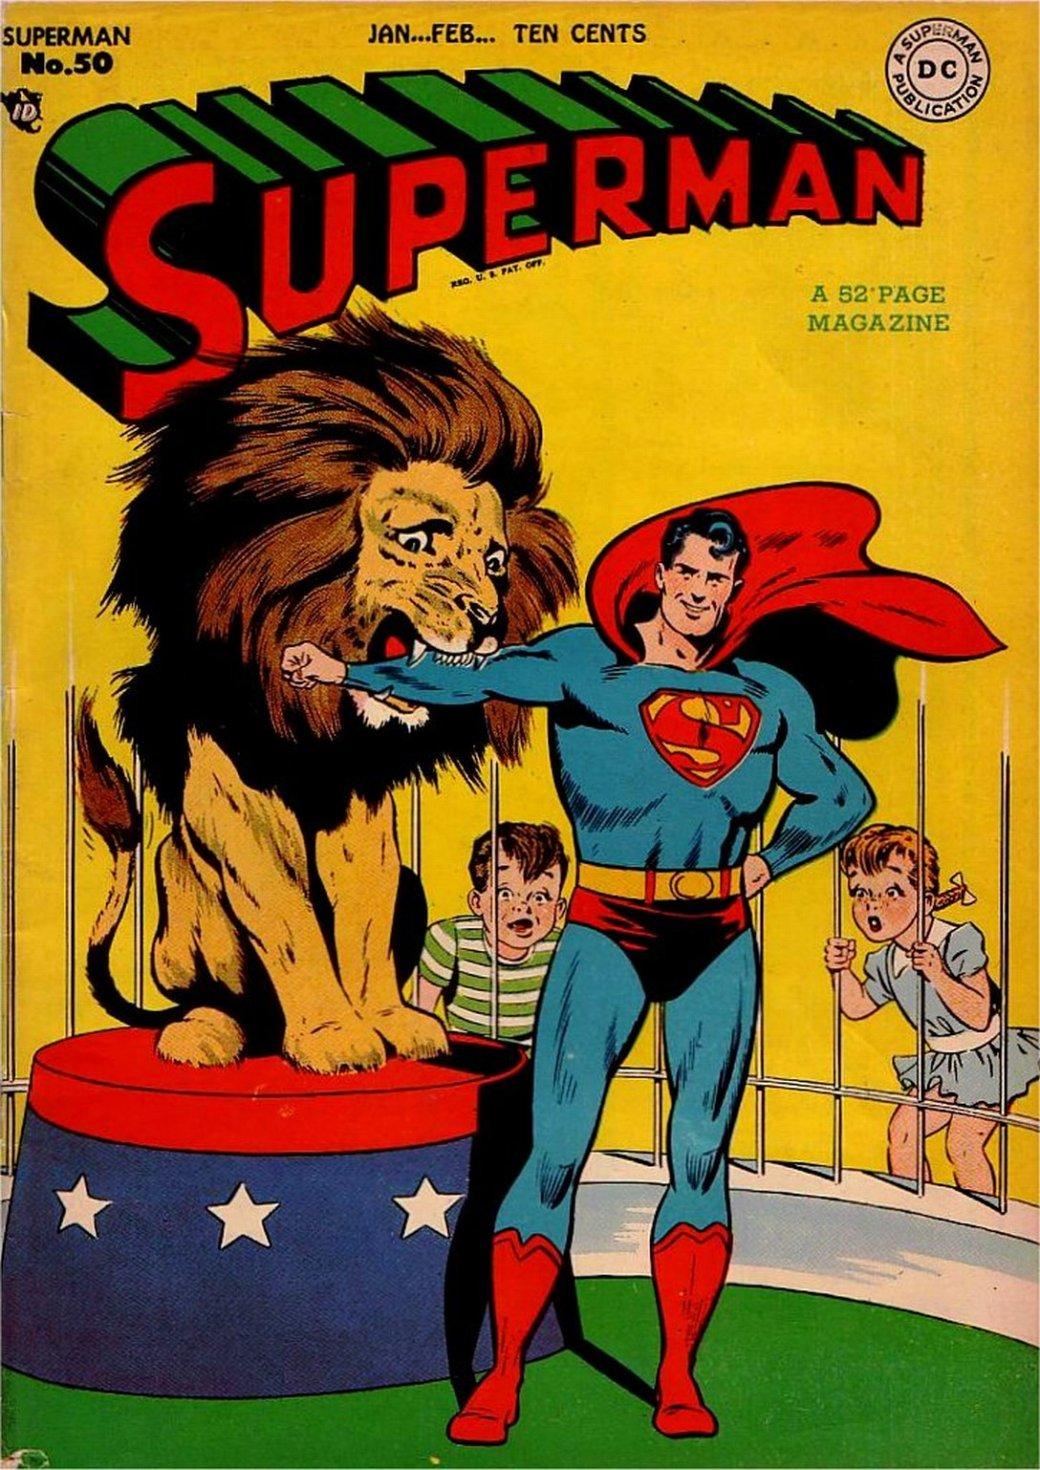 История Супермена иэволюция его образа вкомиксах | Канобу - Изображение 12